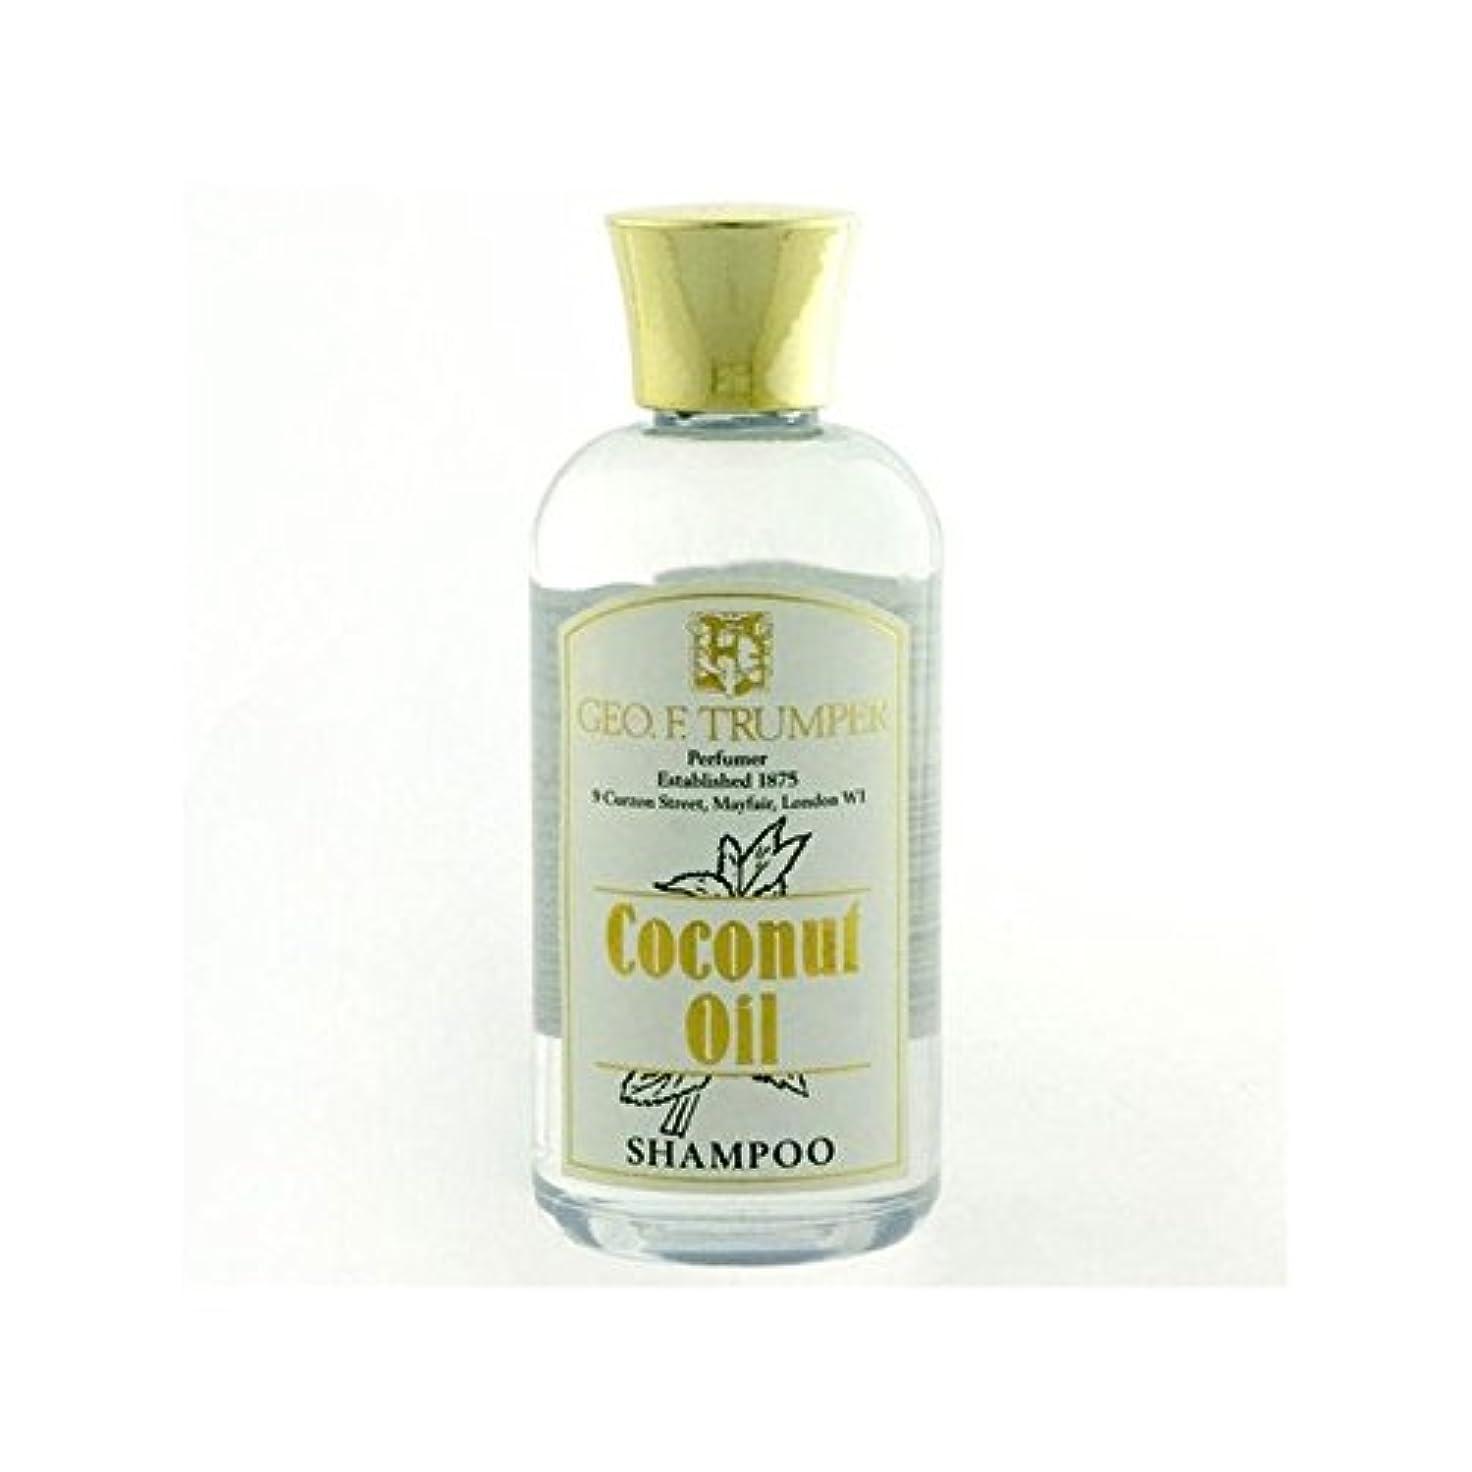 検証パイロットやりがいのあるTrumpers Coconut Oil Shampoo - 100ml Travel (Pack of 6) - ココナッツオイルシャンプー - 100ミリリットル旅 x6 [並行輸入品]